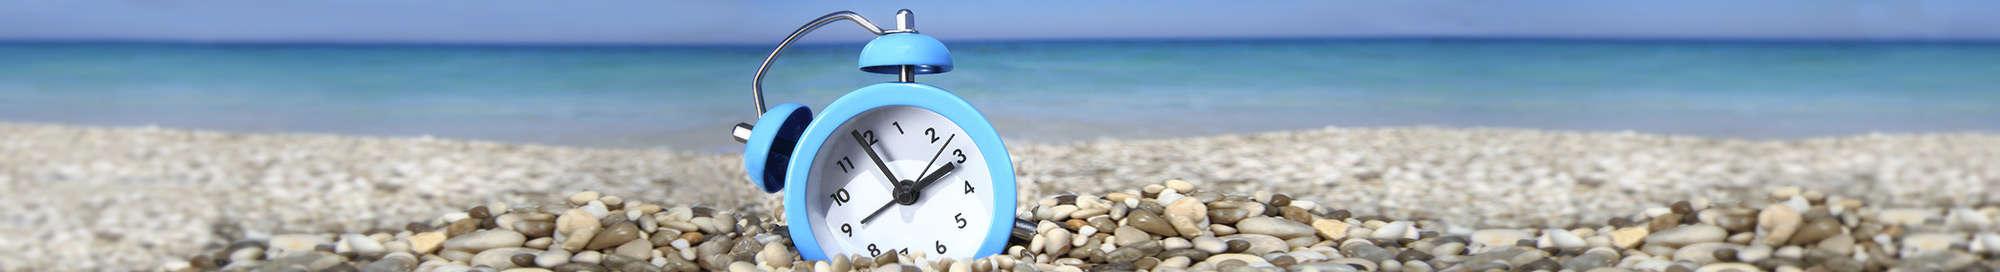 Week end e soggiorni mini-vacanze